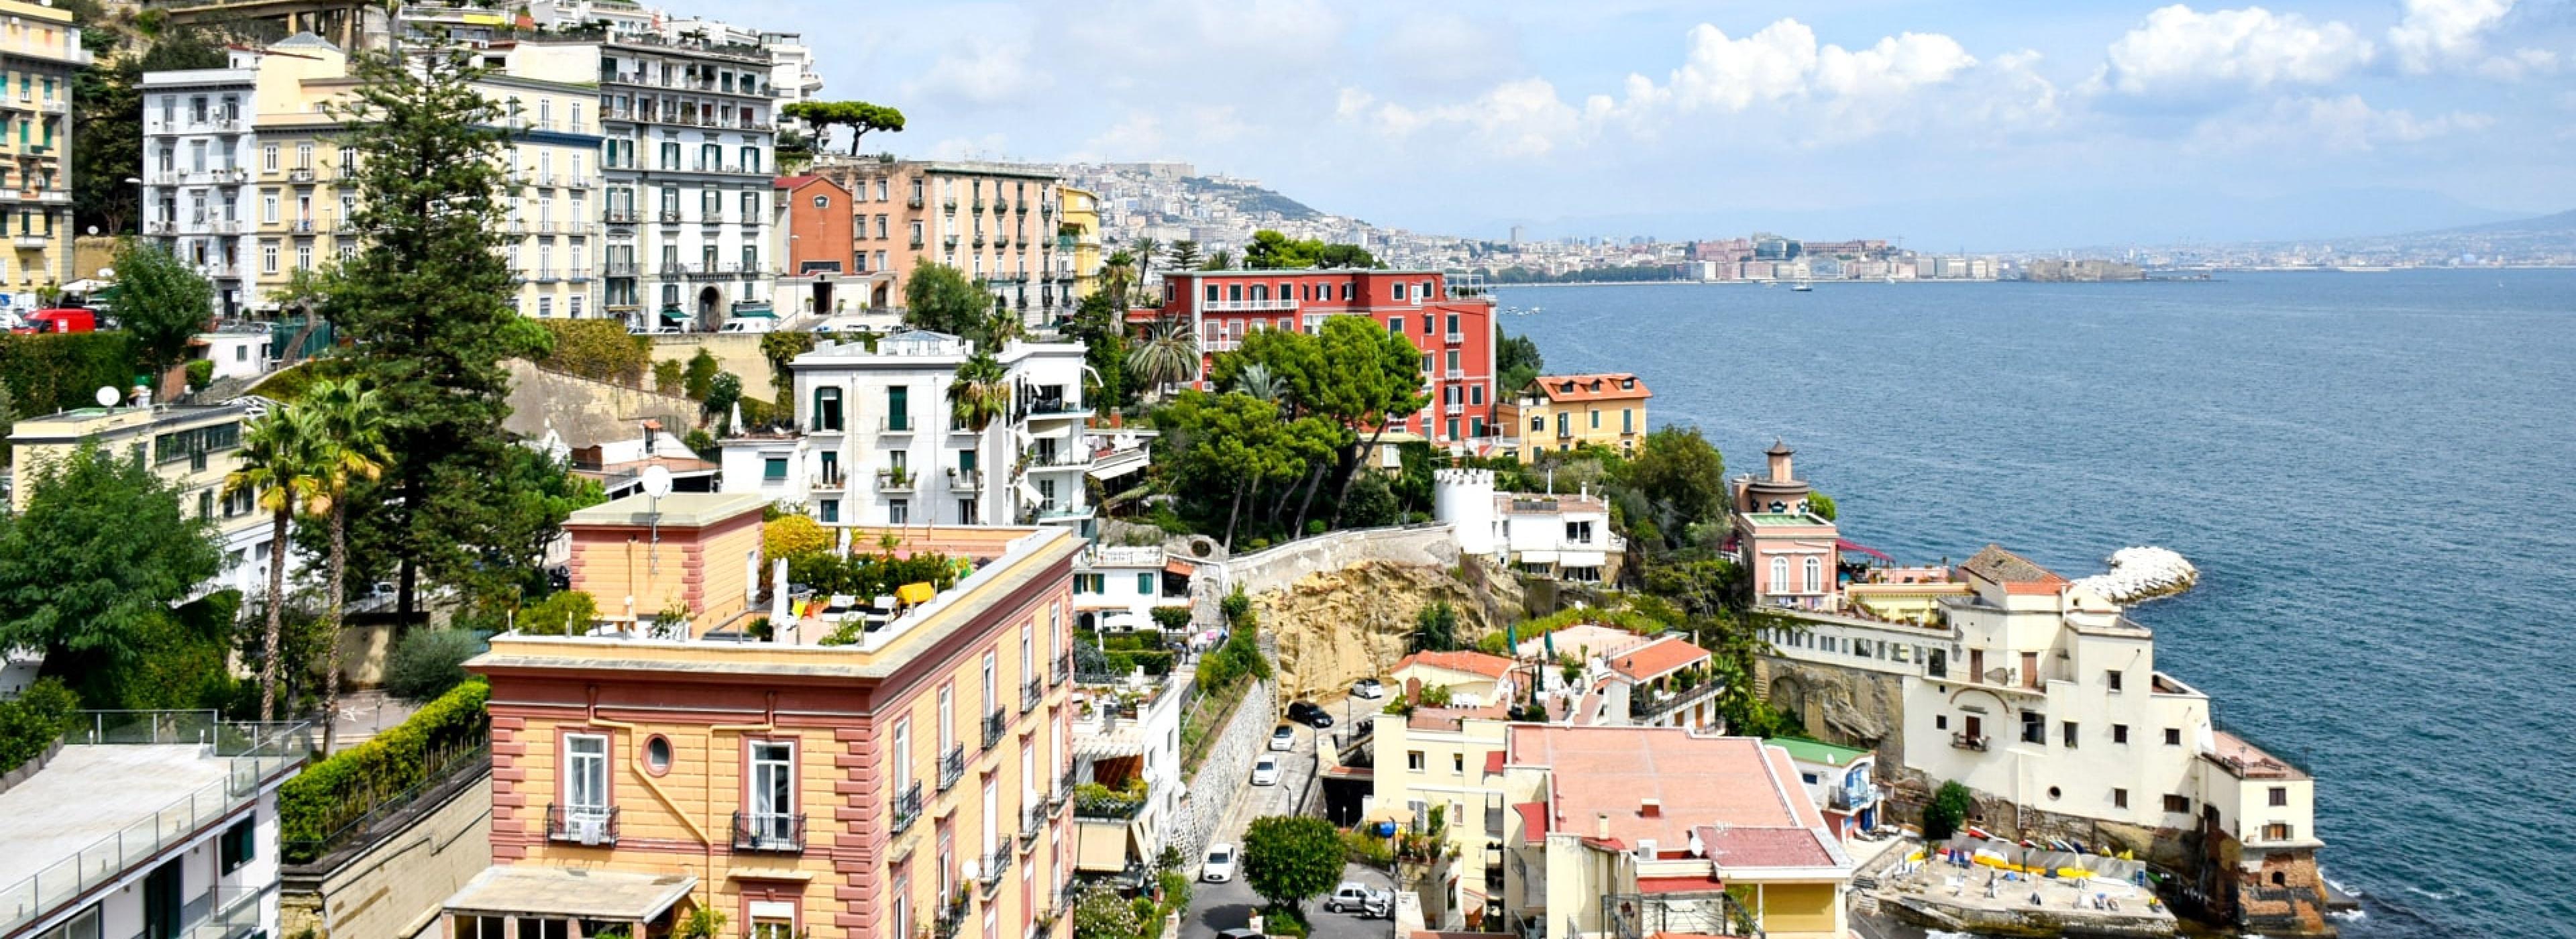 Cultural Capitals with Naples